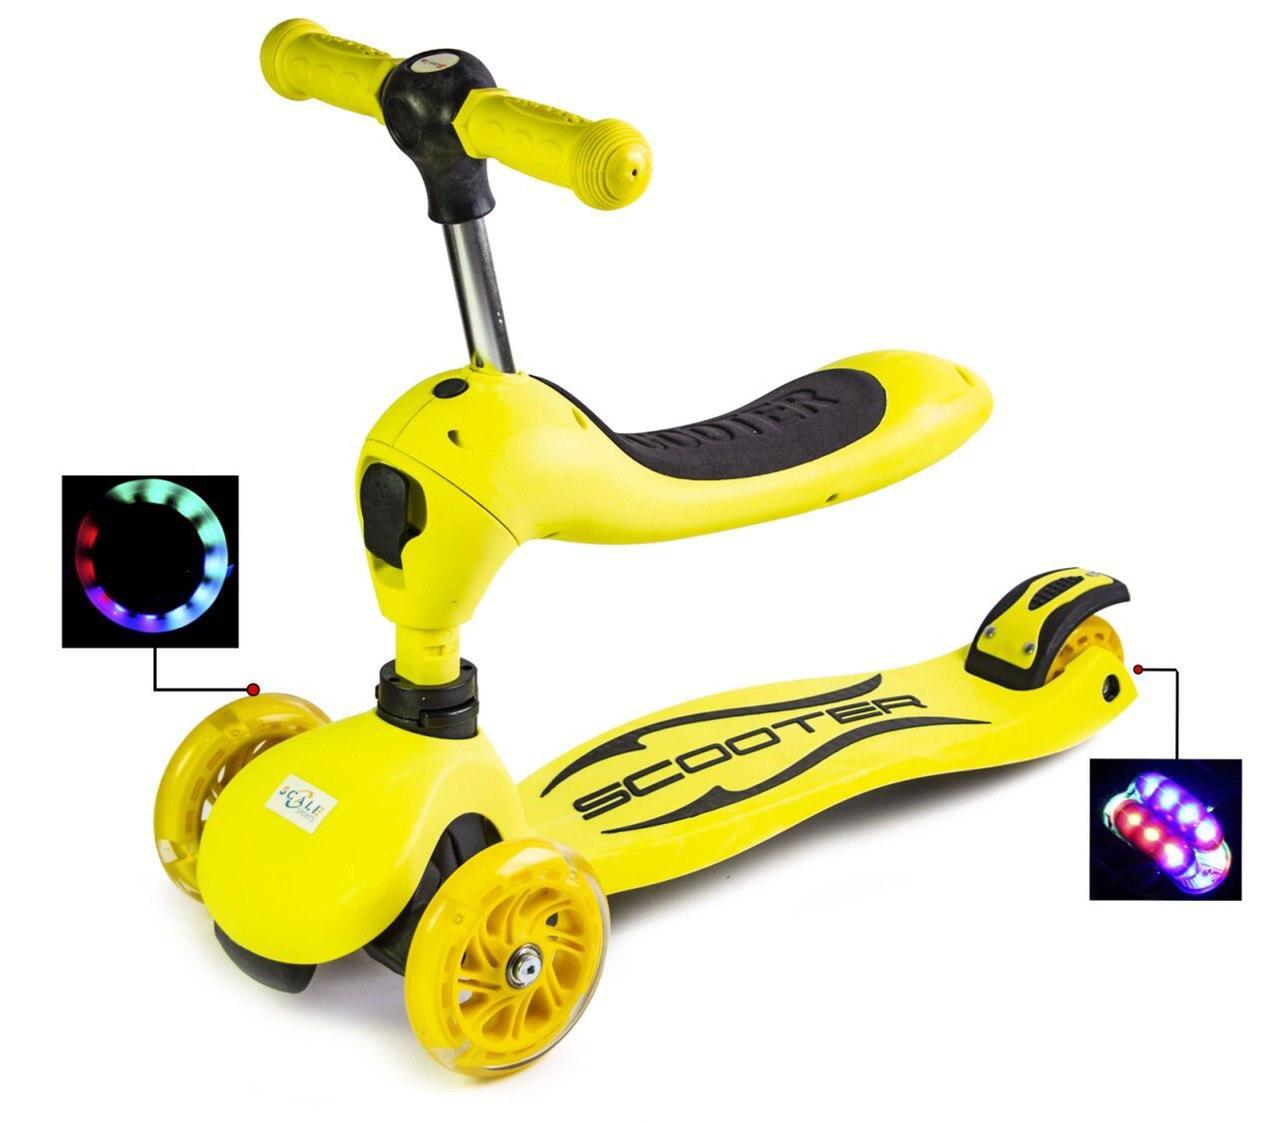 Самокат-трансформер Scale Yellow Sports